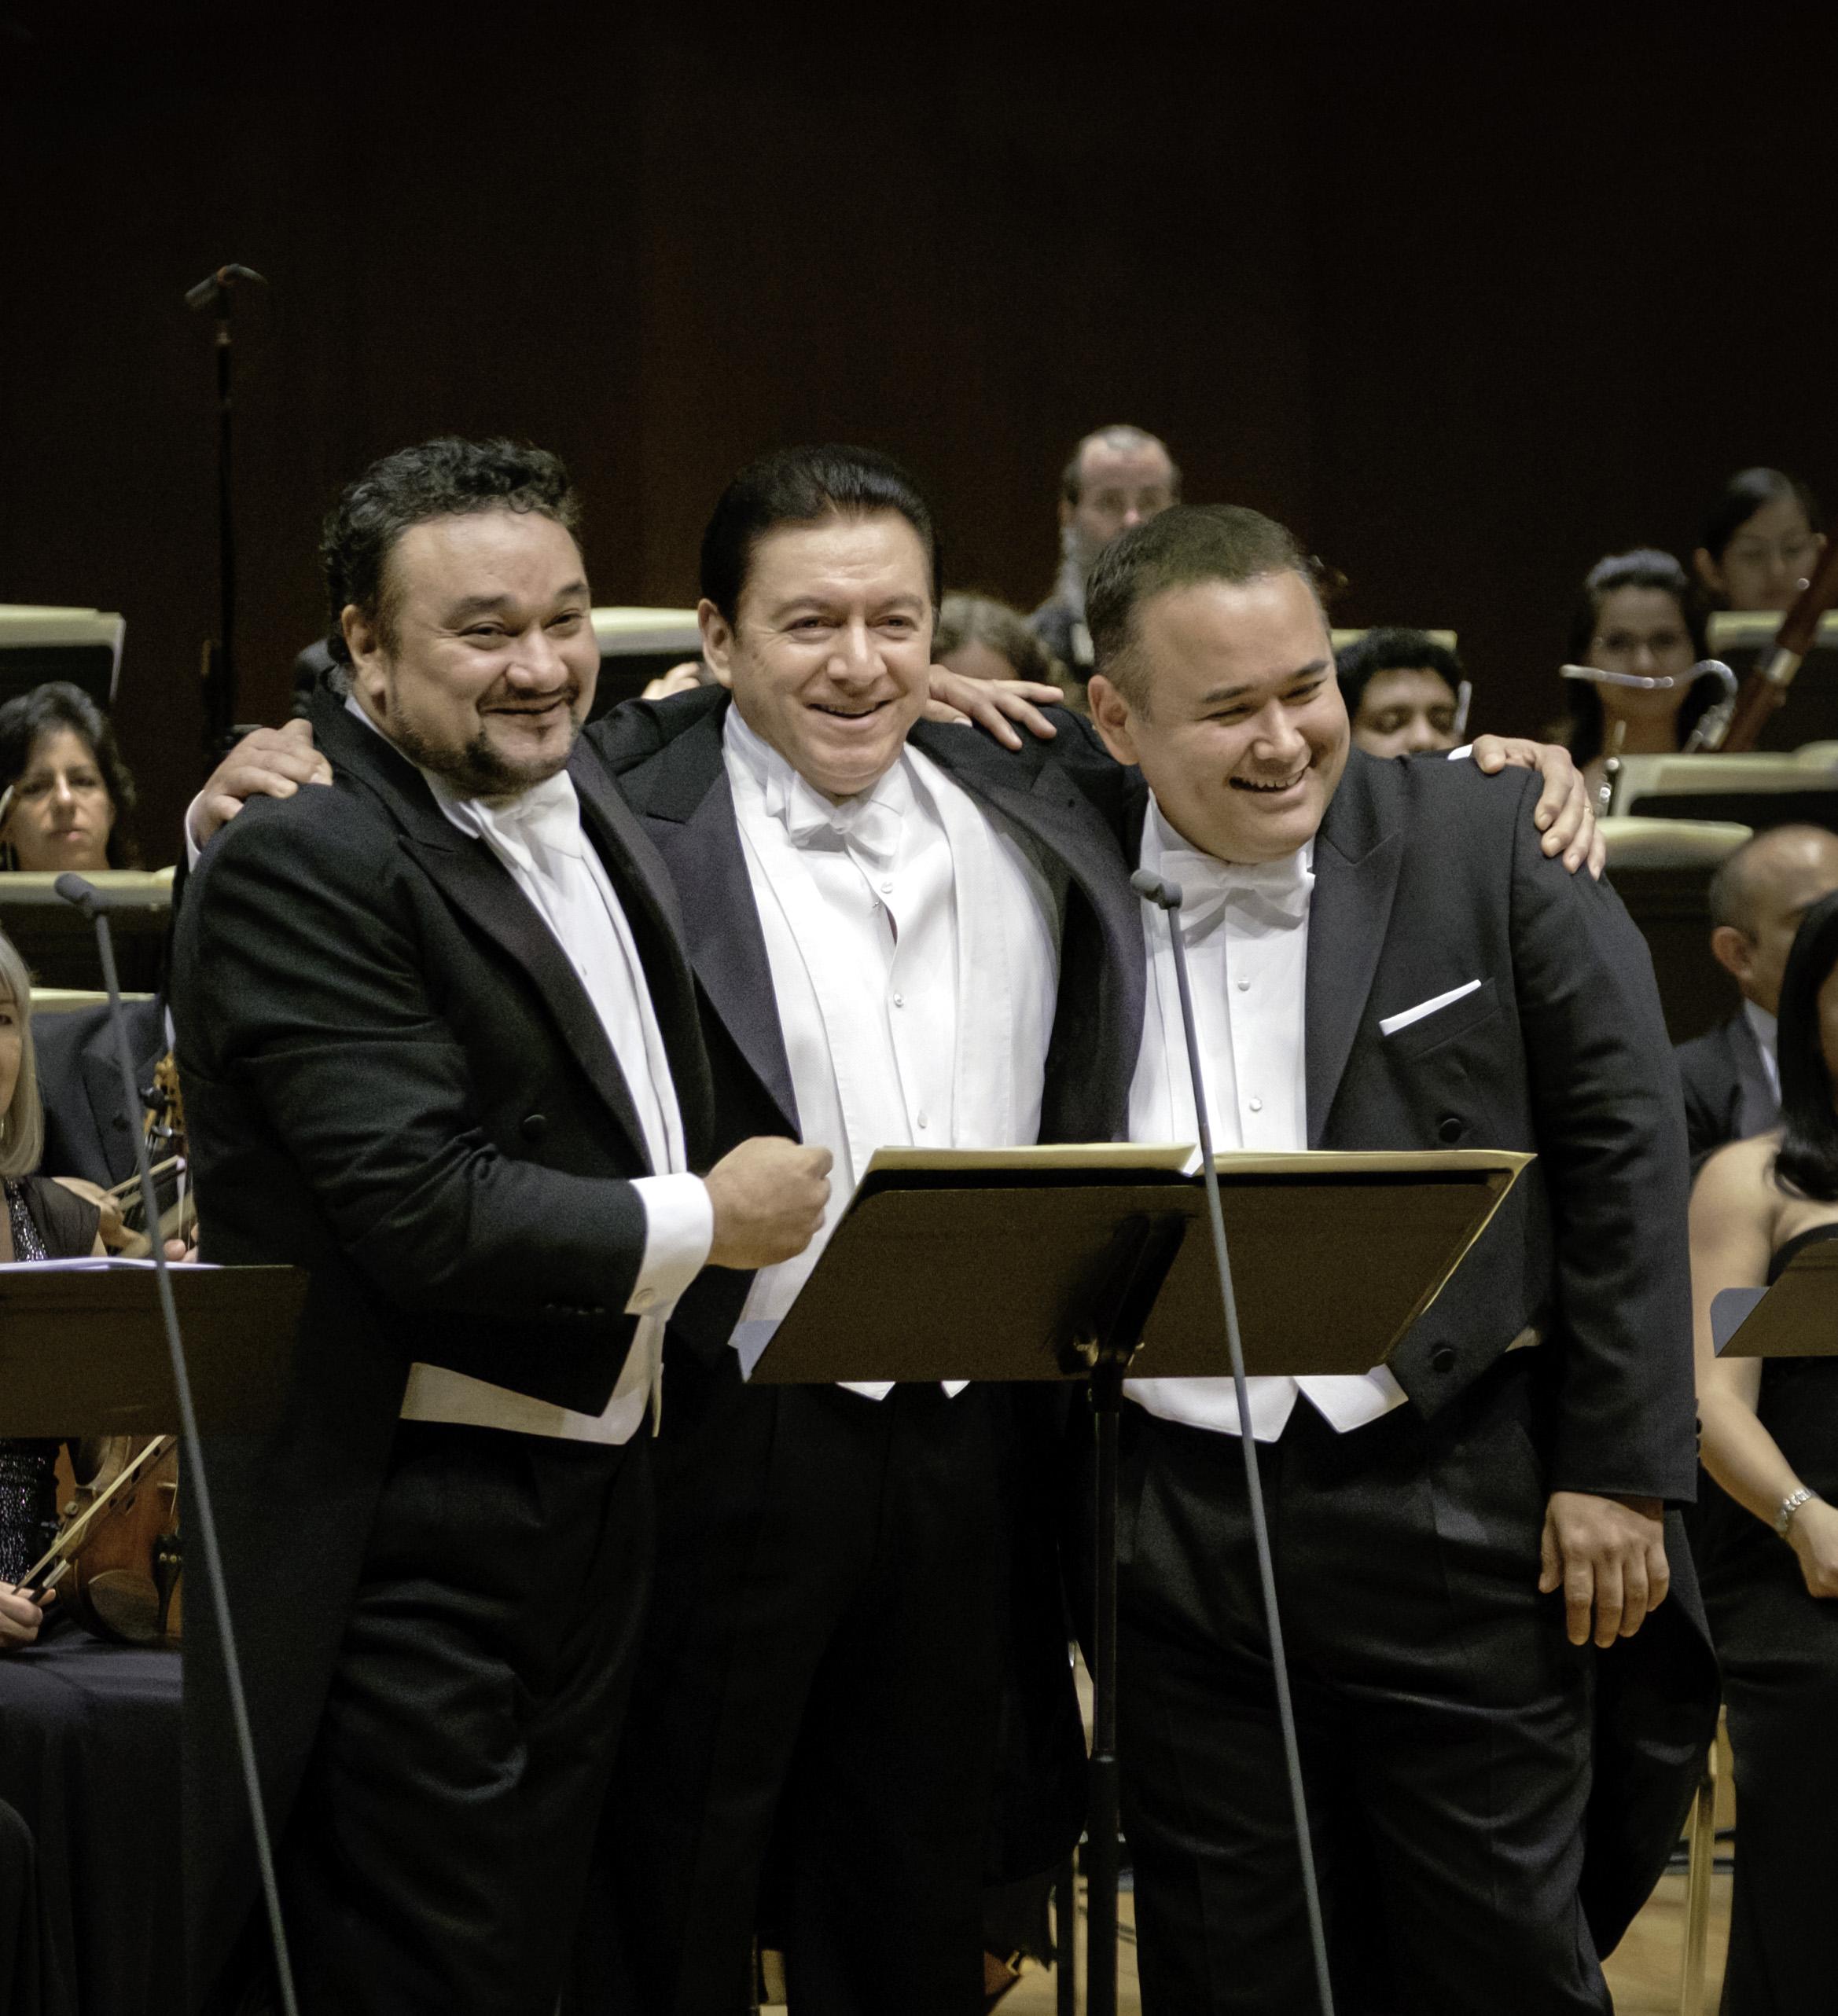 Gala de Araiza, Vargas y Camarena: tres generaciones de tenores mexicanos. Foto: Ana Lourdes Herrera / Pro Ópera AC